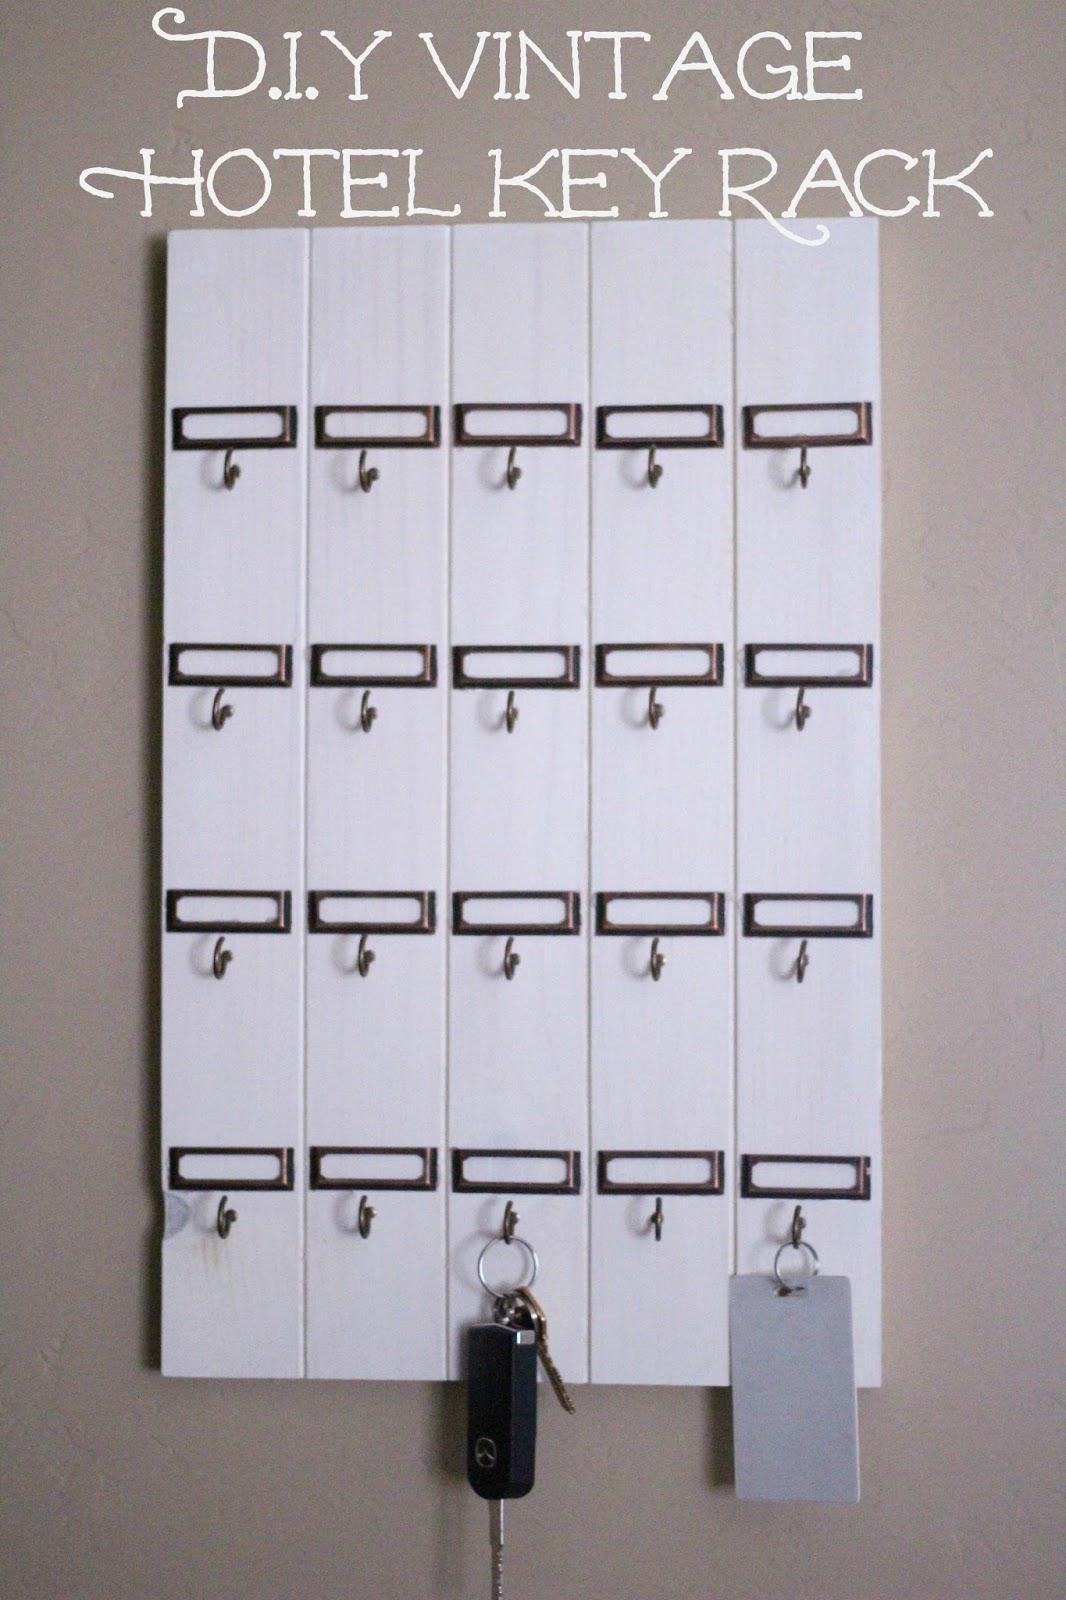 DIY vintage inspired key rack graphic